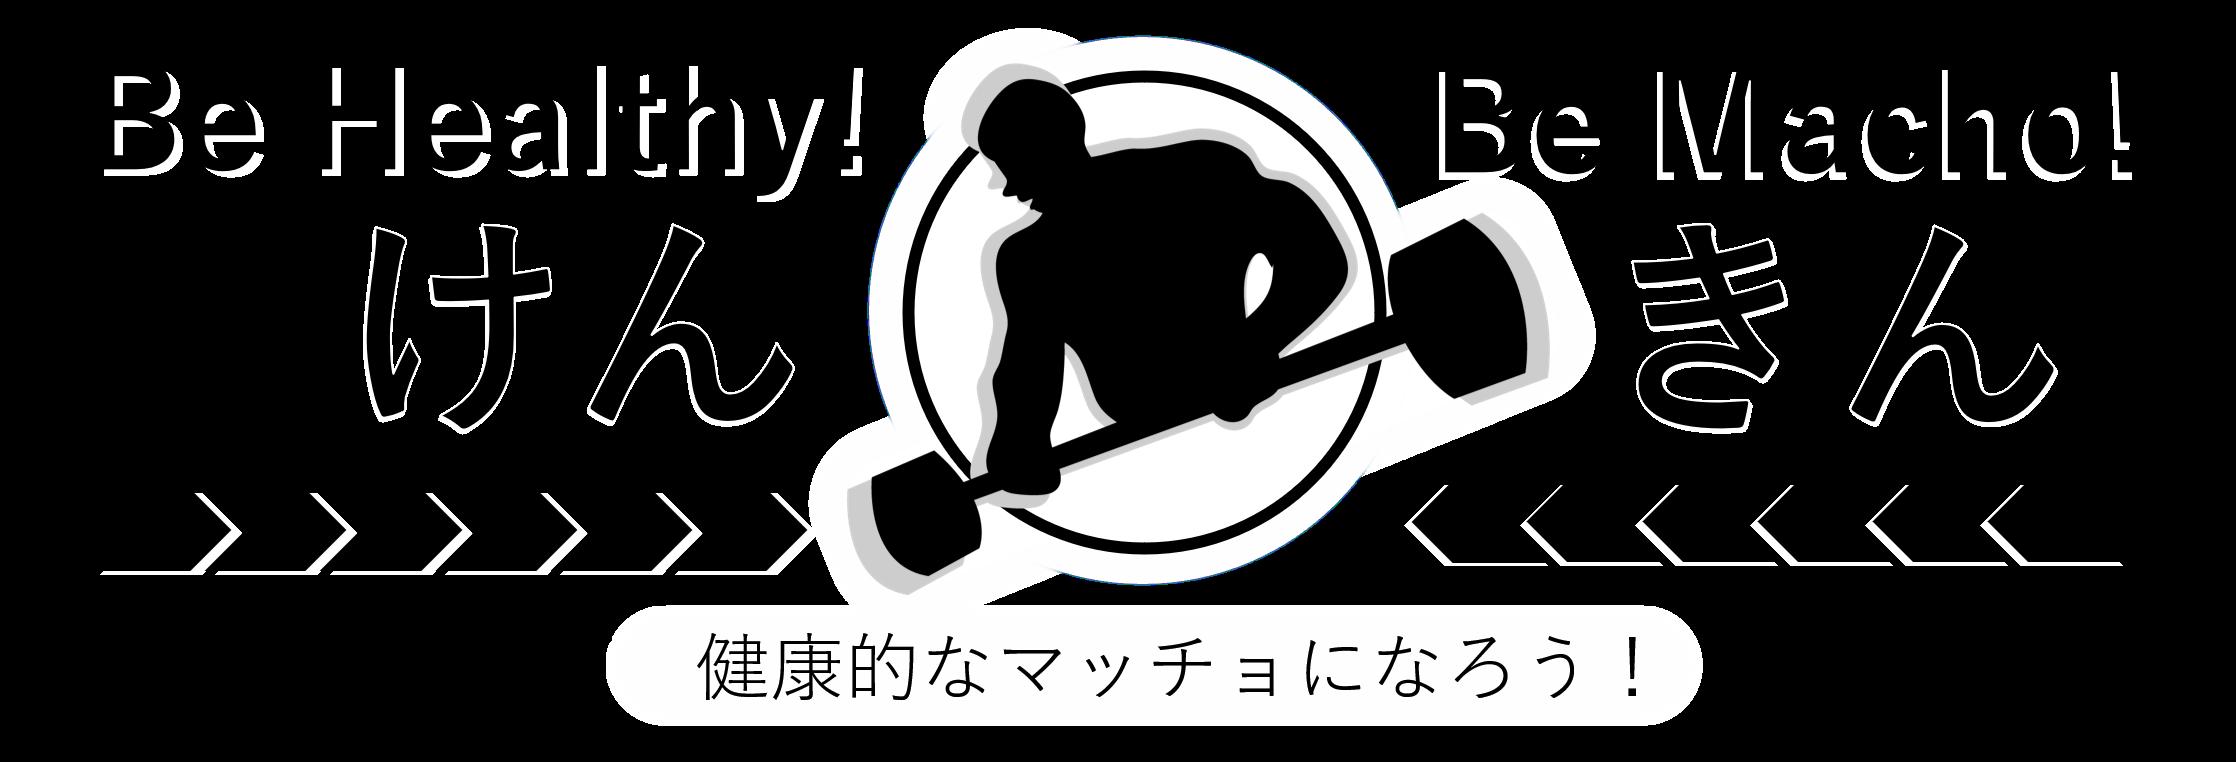 健筋(けんきん)ブログ